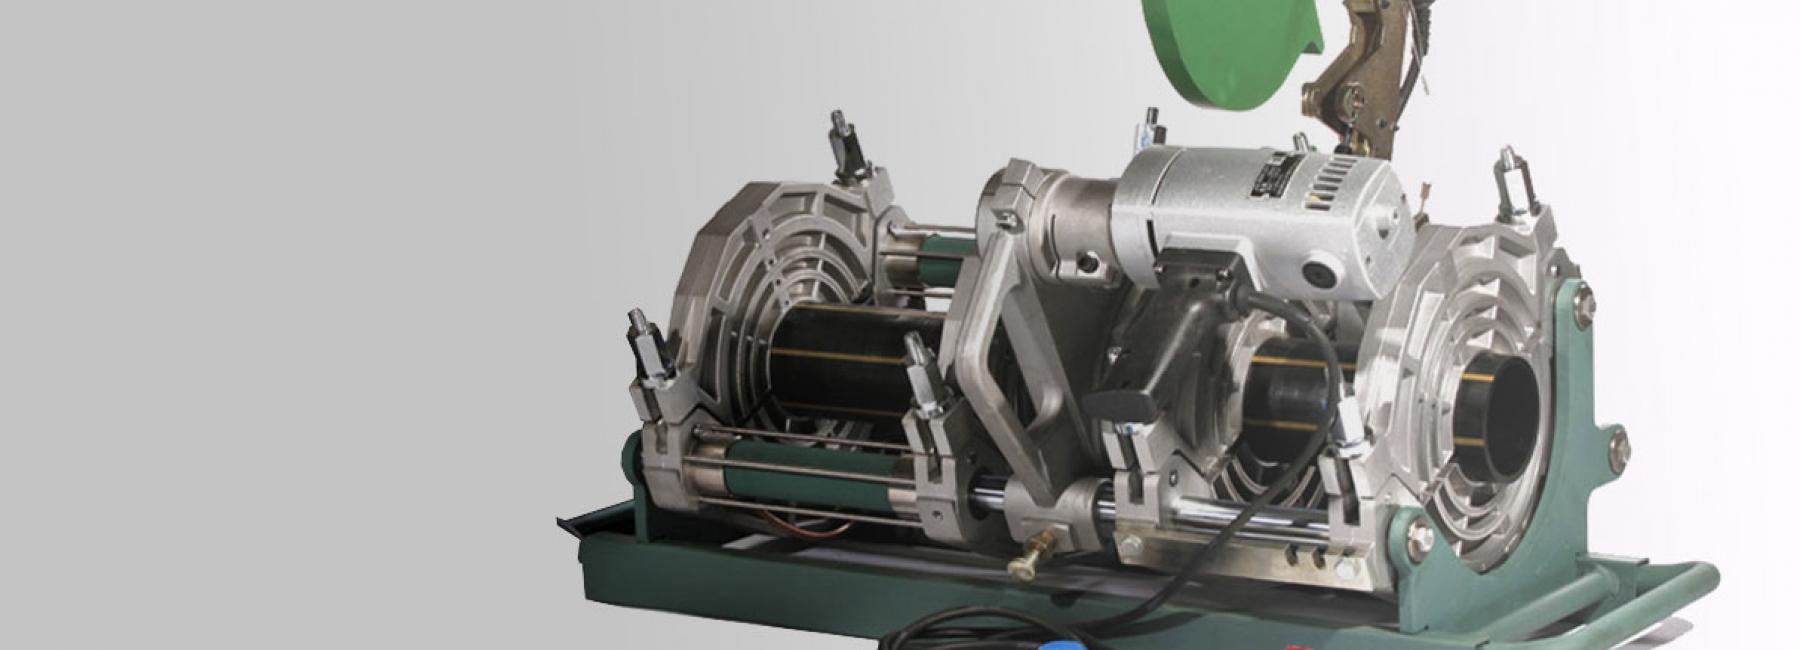 hdpe-welding-machine-pehiweld-dubai